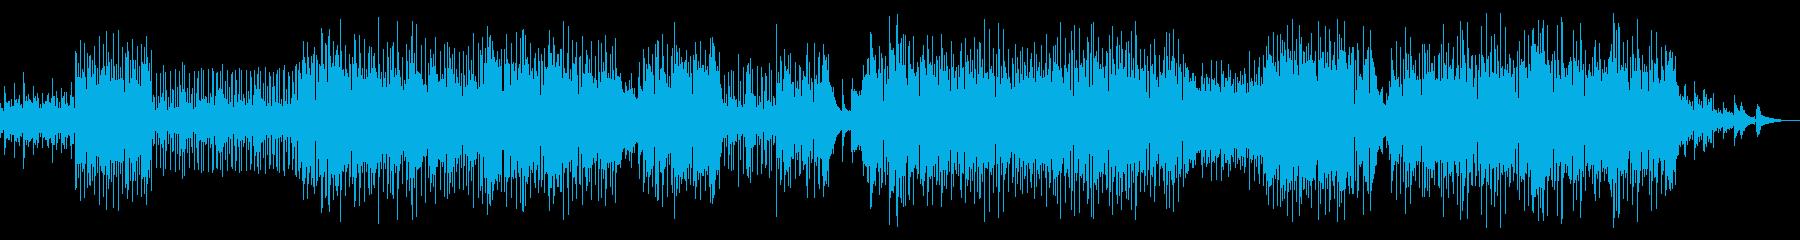 ゆったりとしたアコースティックポップスの再生済みの波形